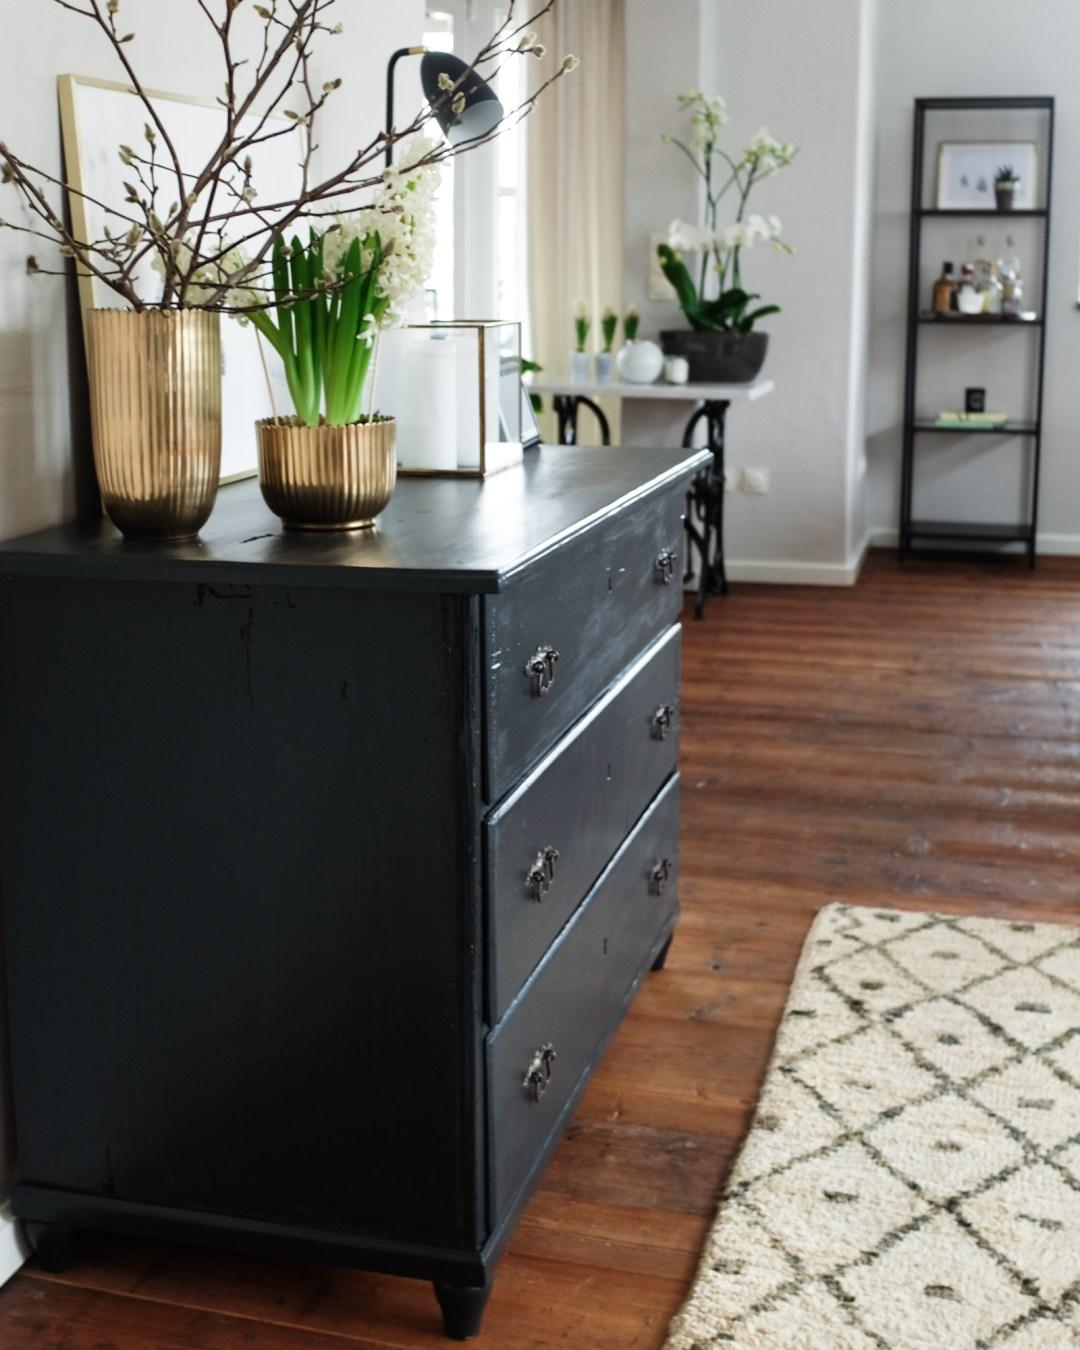 Holzdecke Weiß Streichen Ohne Abschleifen: Alte Kommode Streichen